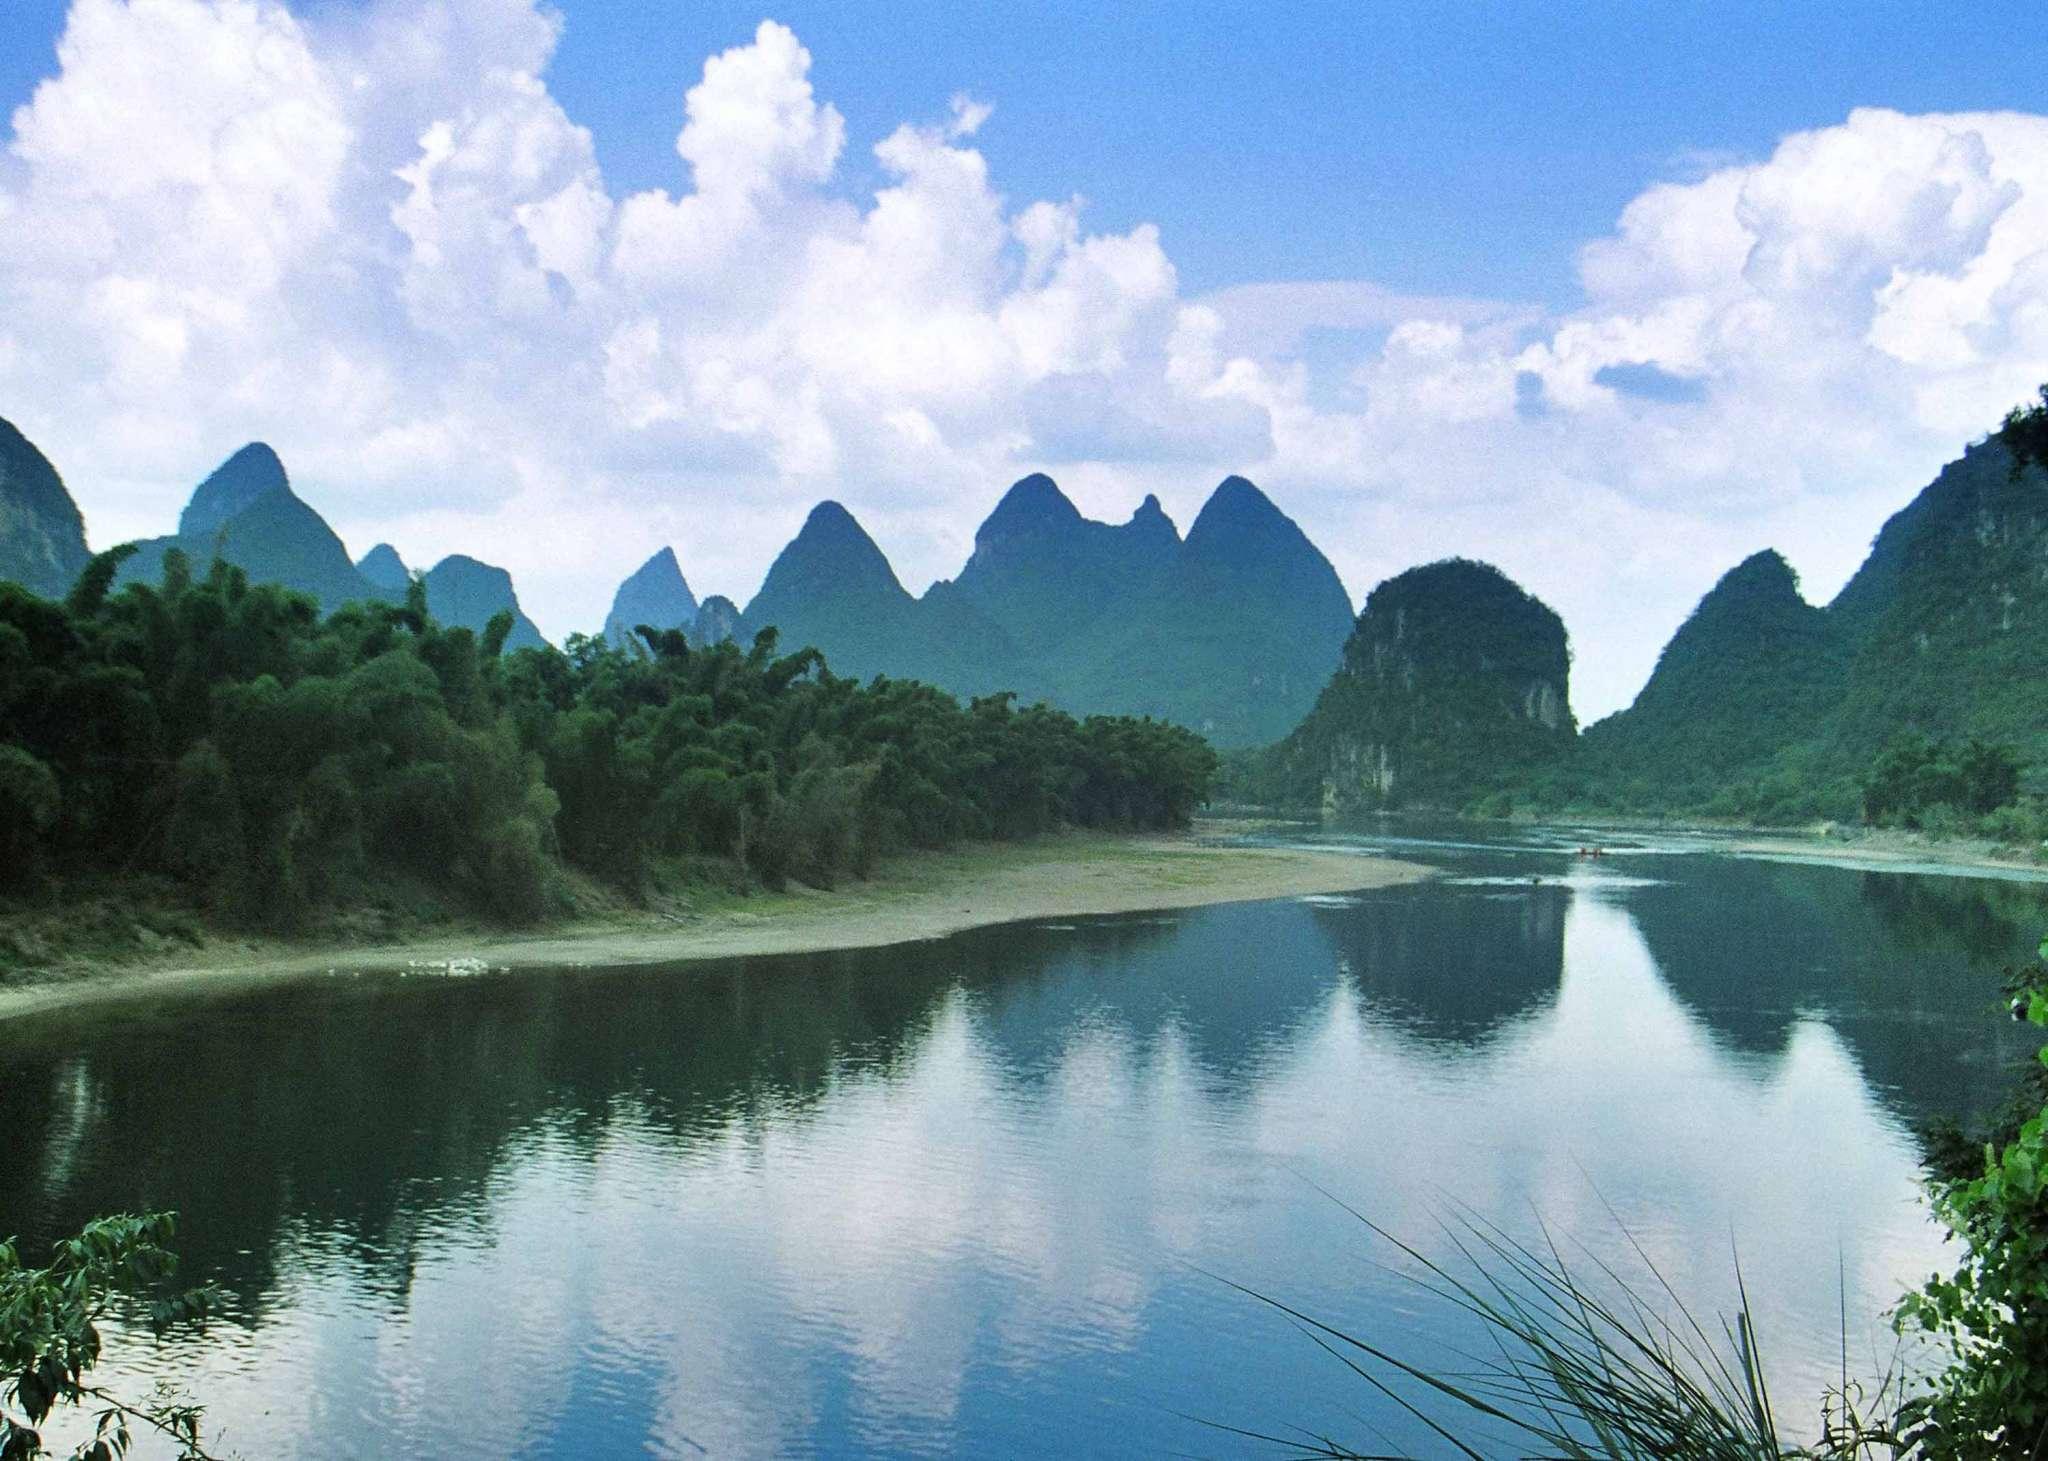 桂林,阳朔,漓江风光,醉美尧山,訾洲·象鼻山,玉屏新霁